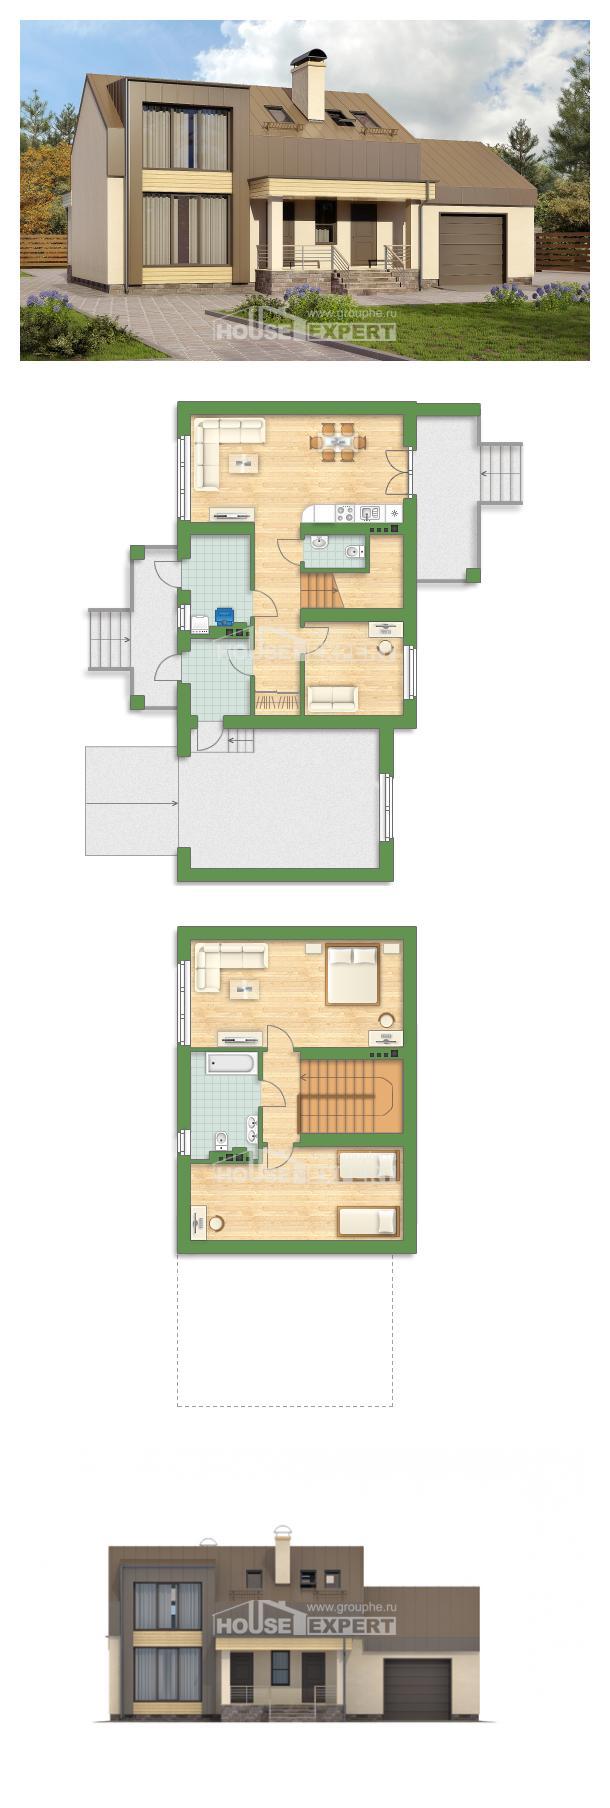 Plan 150-015-L   House Expert